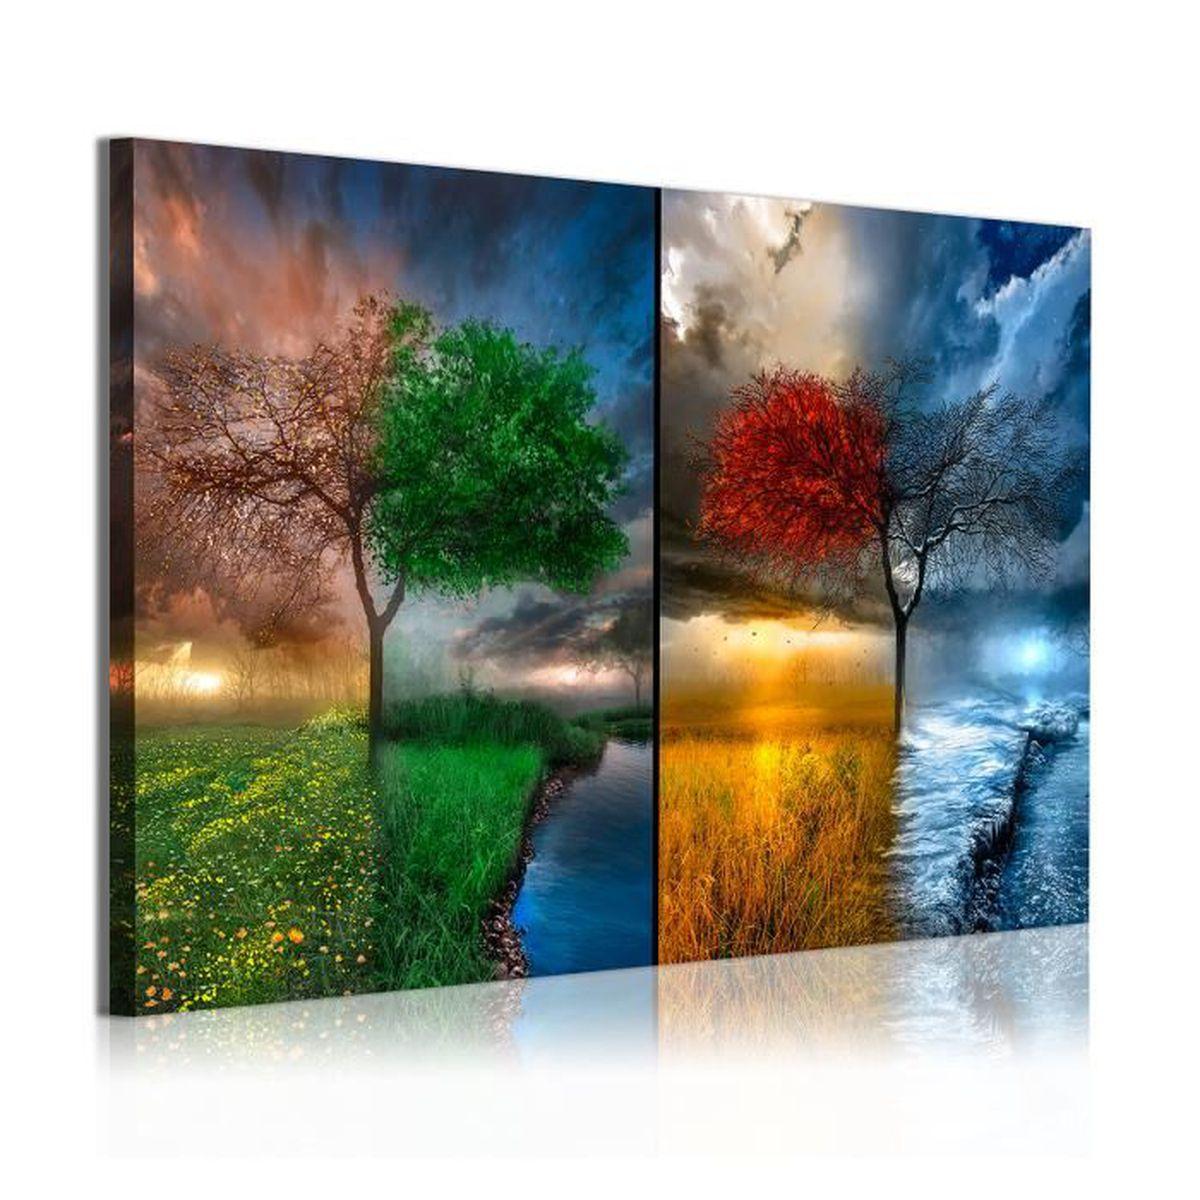 tableaux sur toile 4 saisons achat vente tableaux sur toile 4 saisons pas cher les soldes. Black Bedroom Furniture Sets. Home Design Ideas